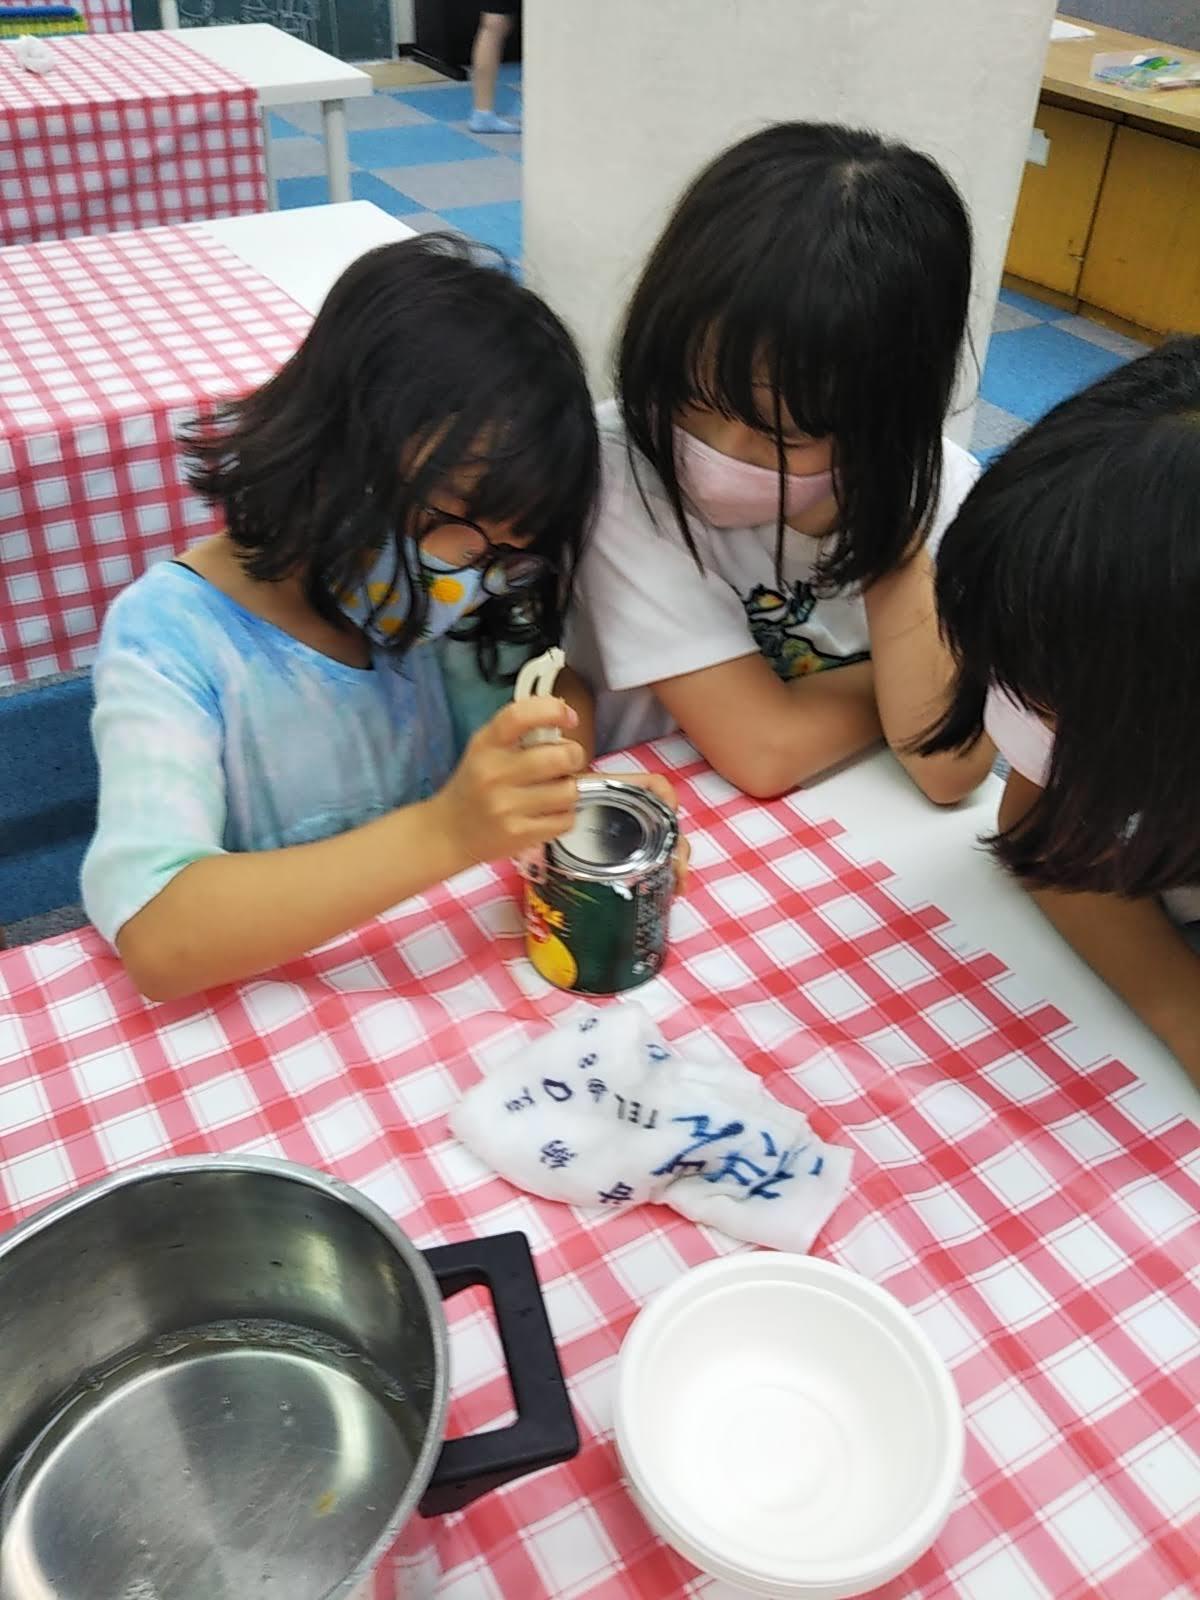 8月6日 おやつ作り / Making Fruit Punch _c0315908_11301239.jpg